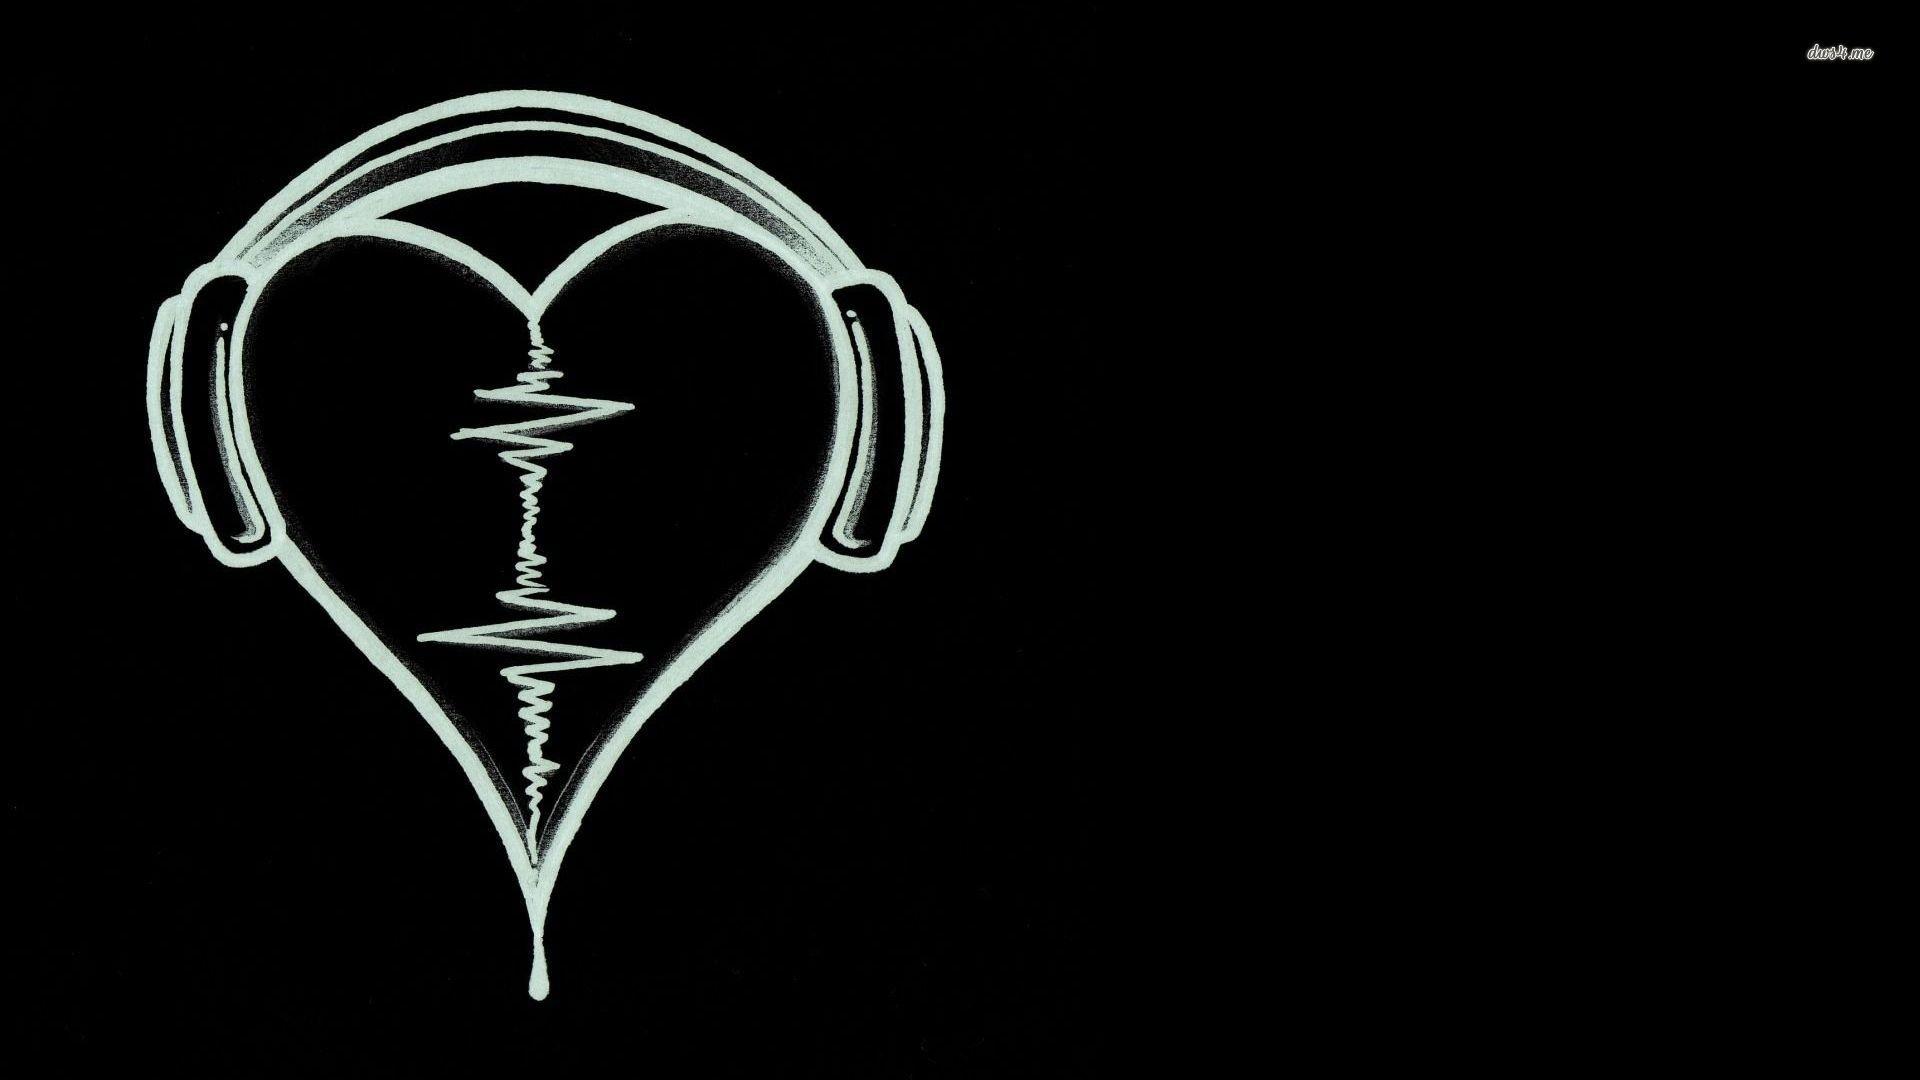 Music Heart Wallpaper ...